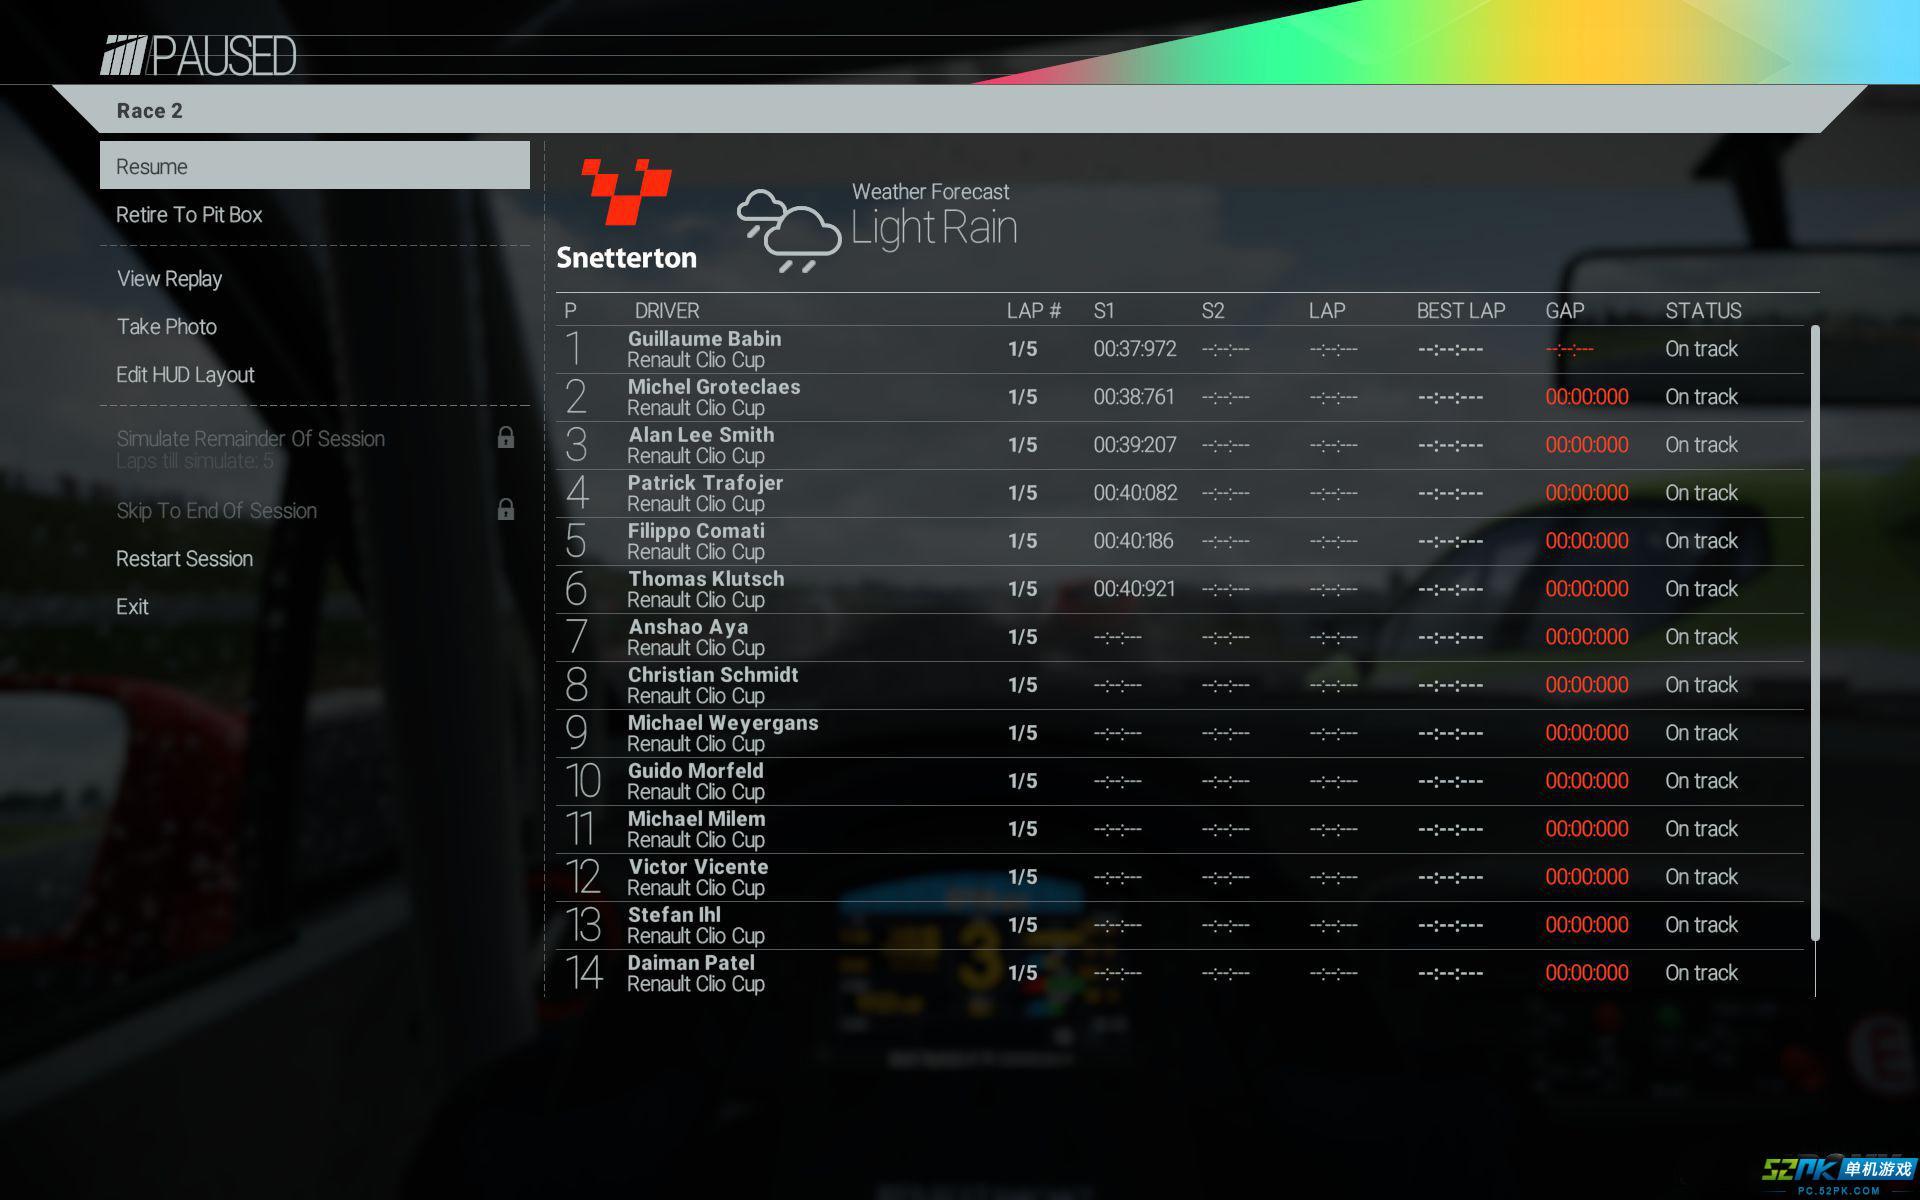 赛车计划游戏评测8.6分 精美画面与专业体验